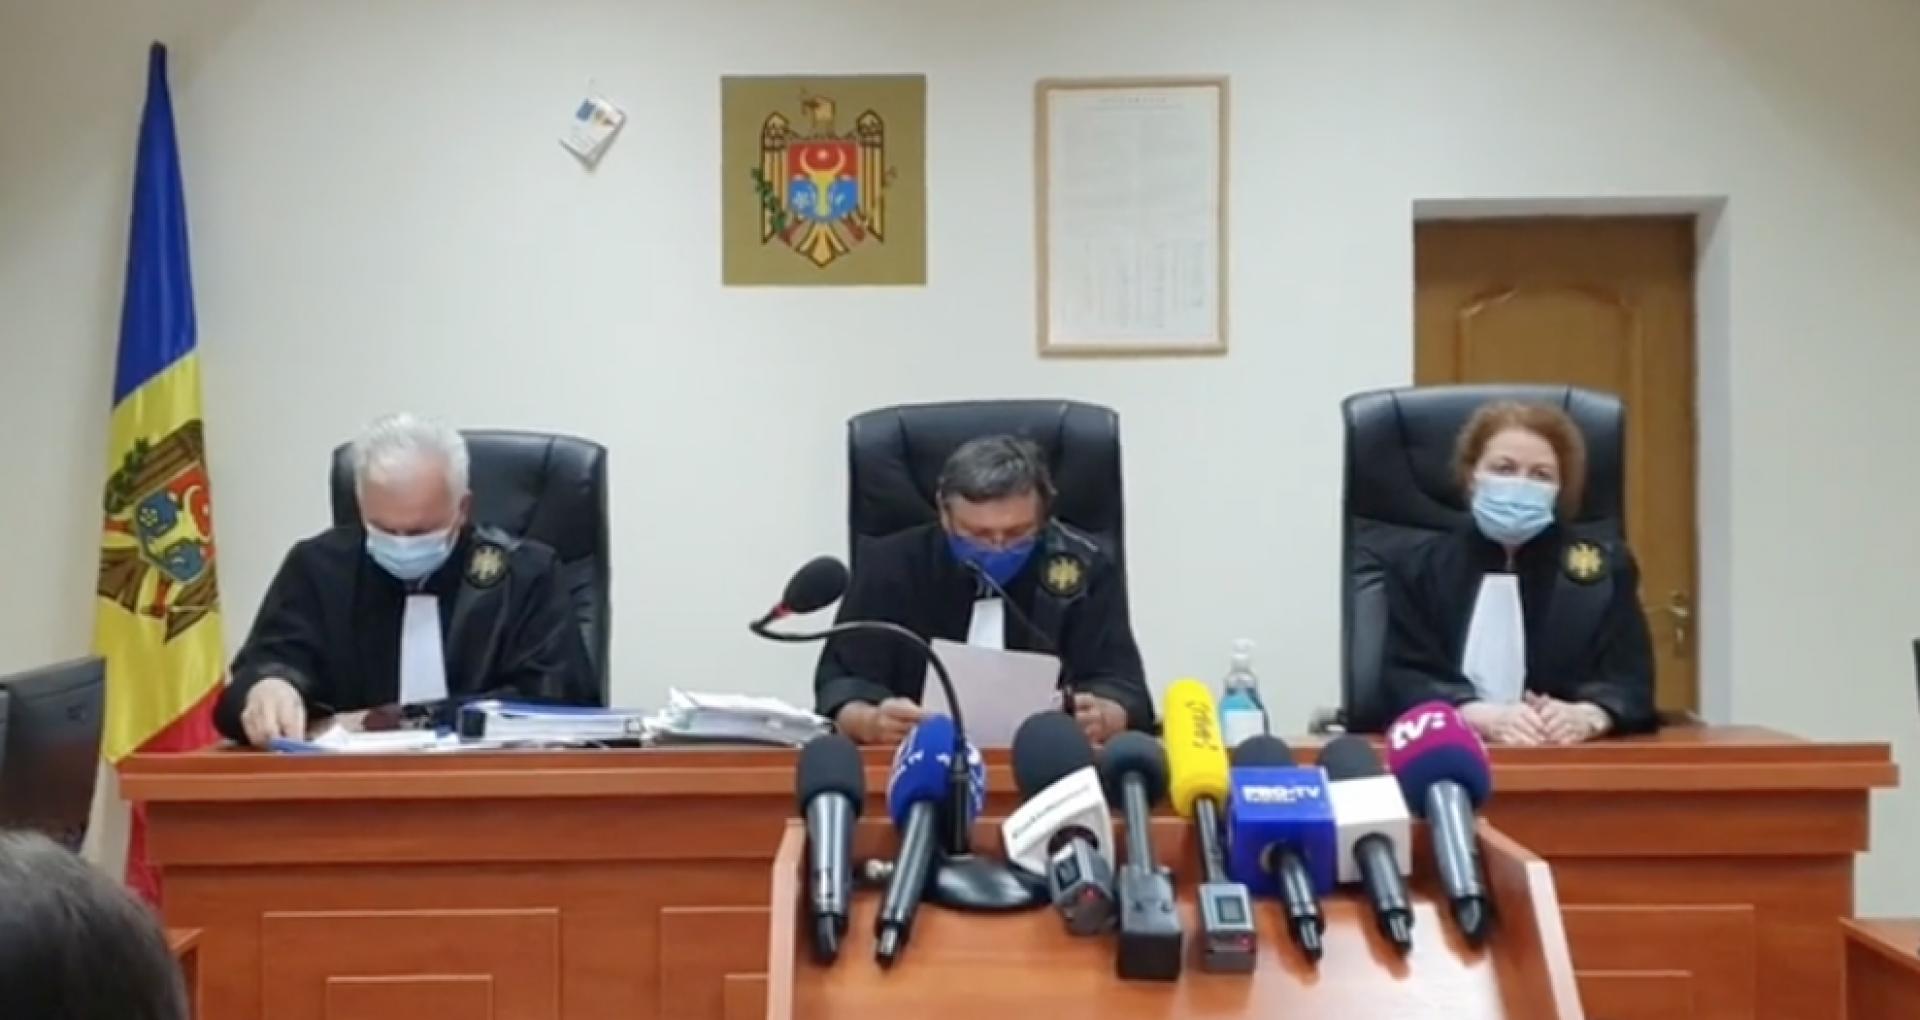 După a șaptea zi de ședințe, Curtea de Apel a pronunțat decizia în dosarul secțiilor de votare în străinătate